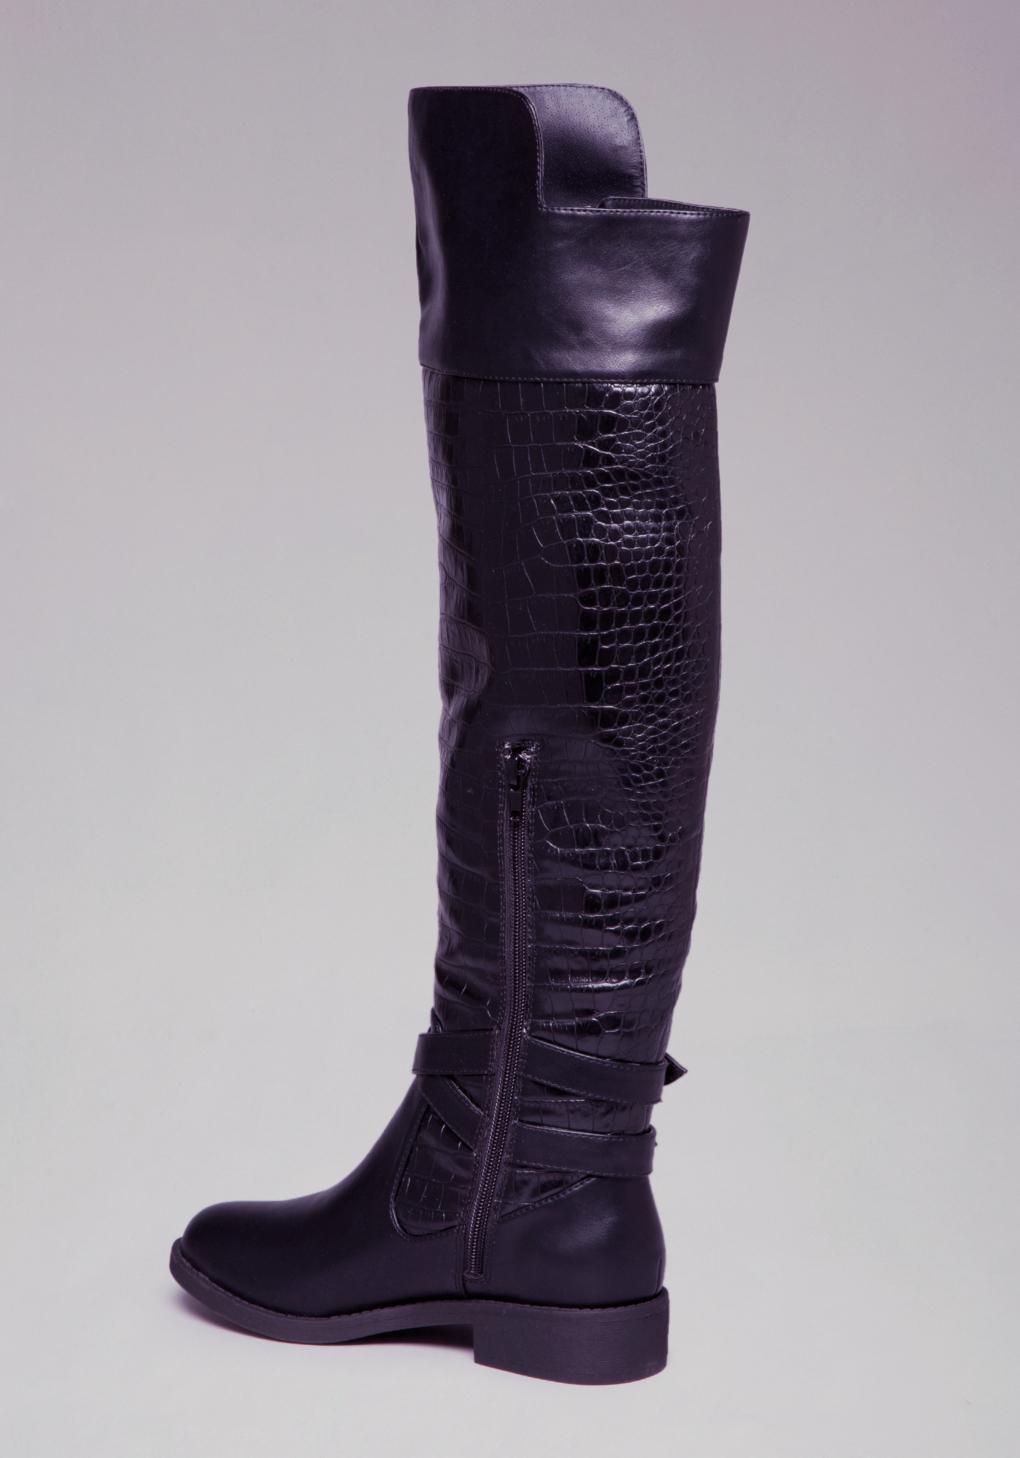 Bebe Karter Flat Boots in Black